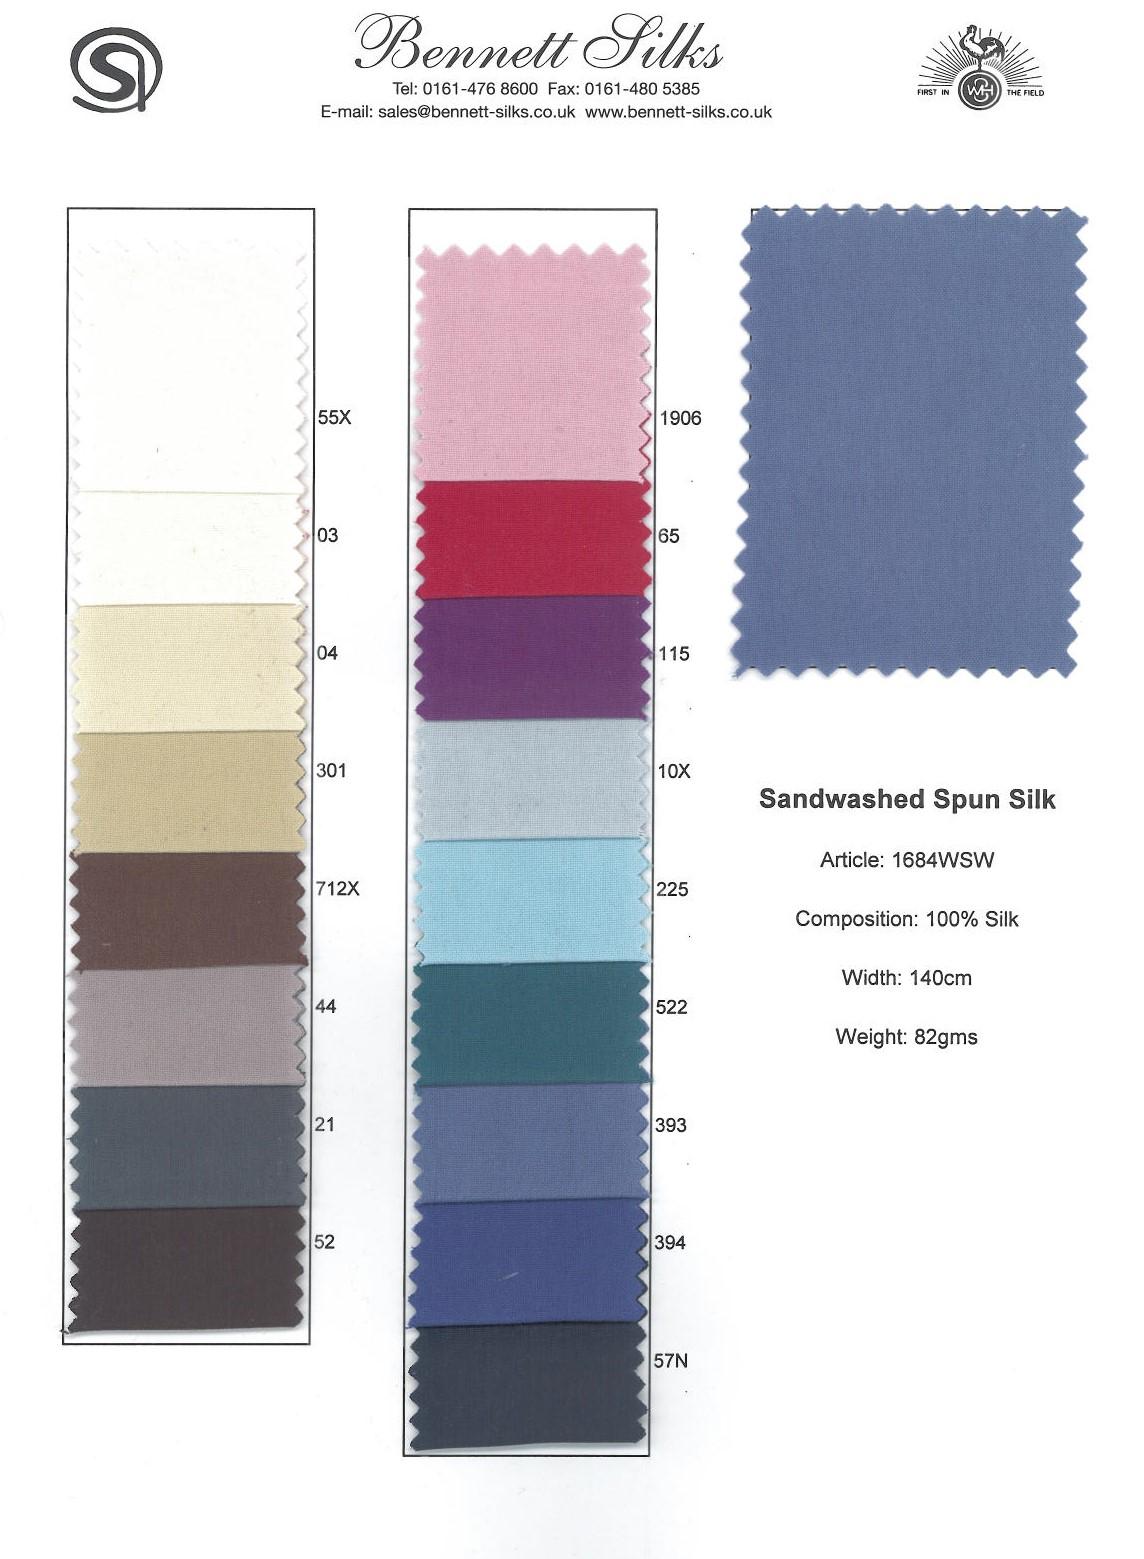 1684WSW Sandwashed Spun Silk -